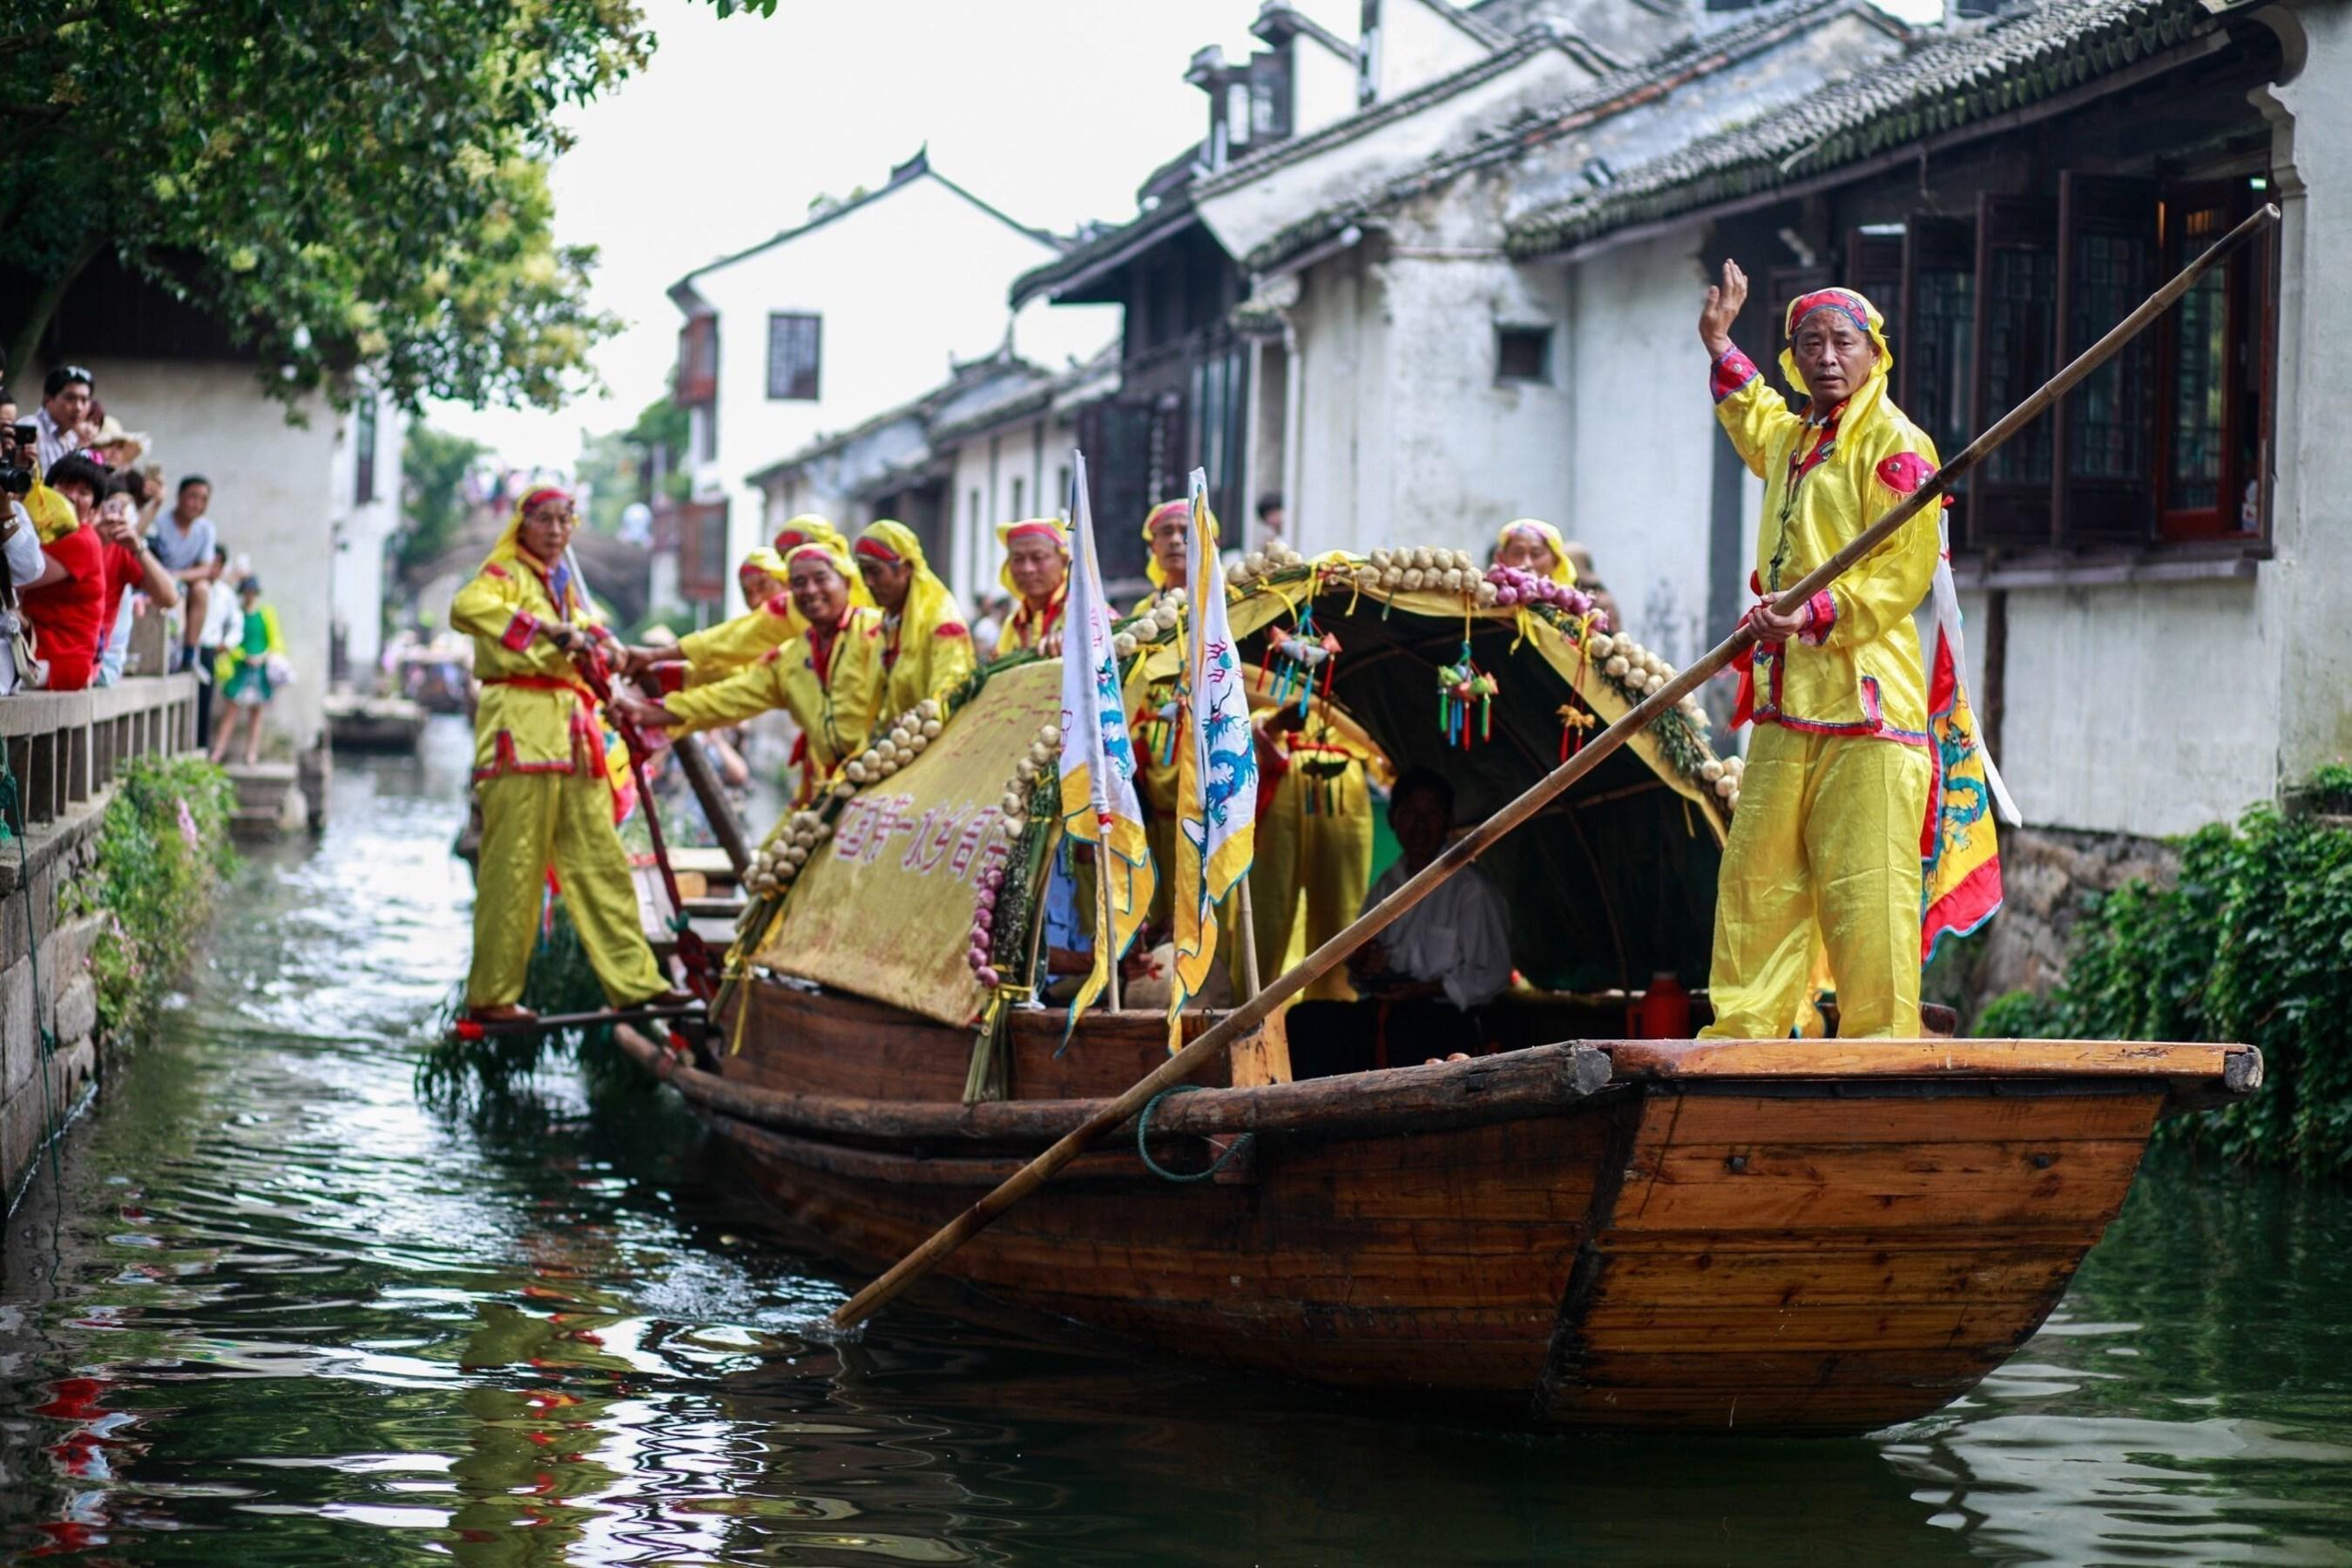 Zhouzhuang lässt mit dem Drachenbootfest alte Traditionen wieder aufleben